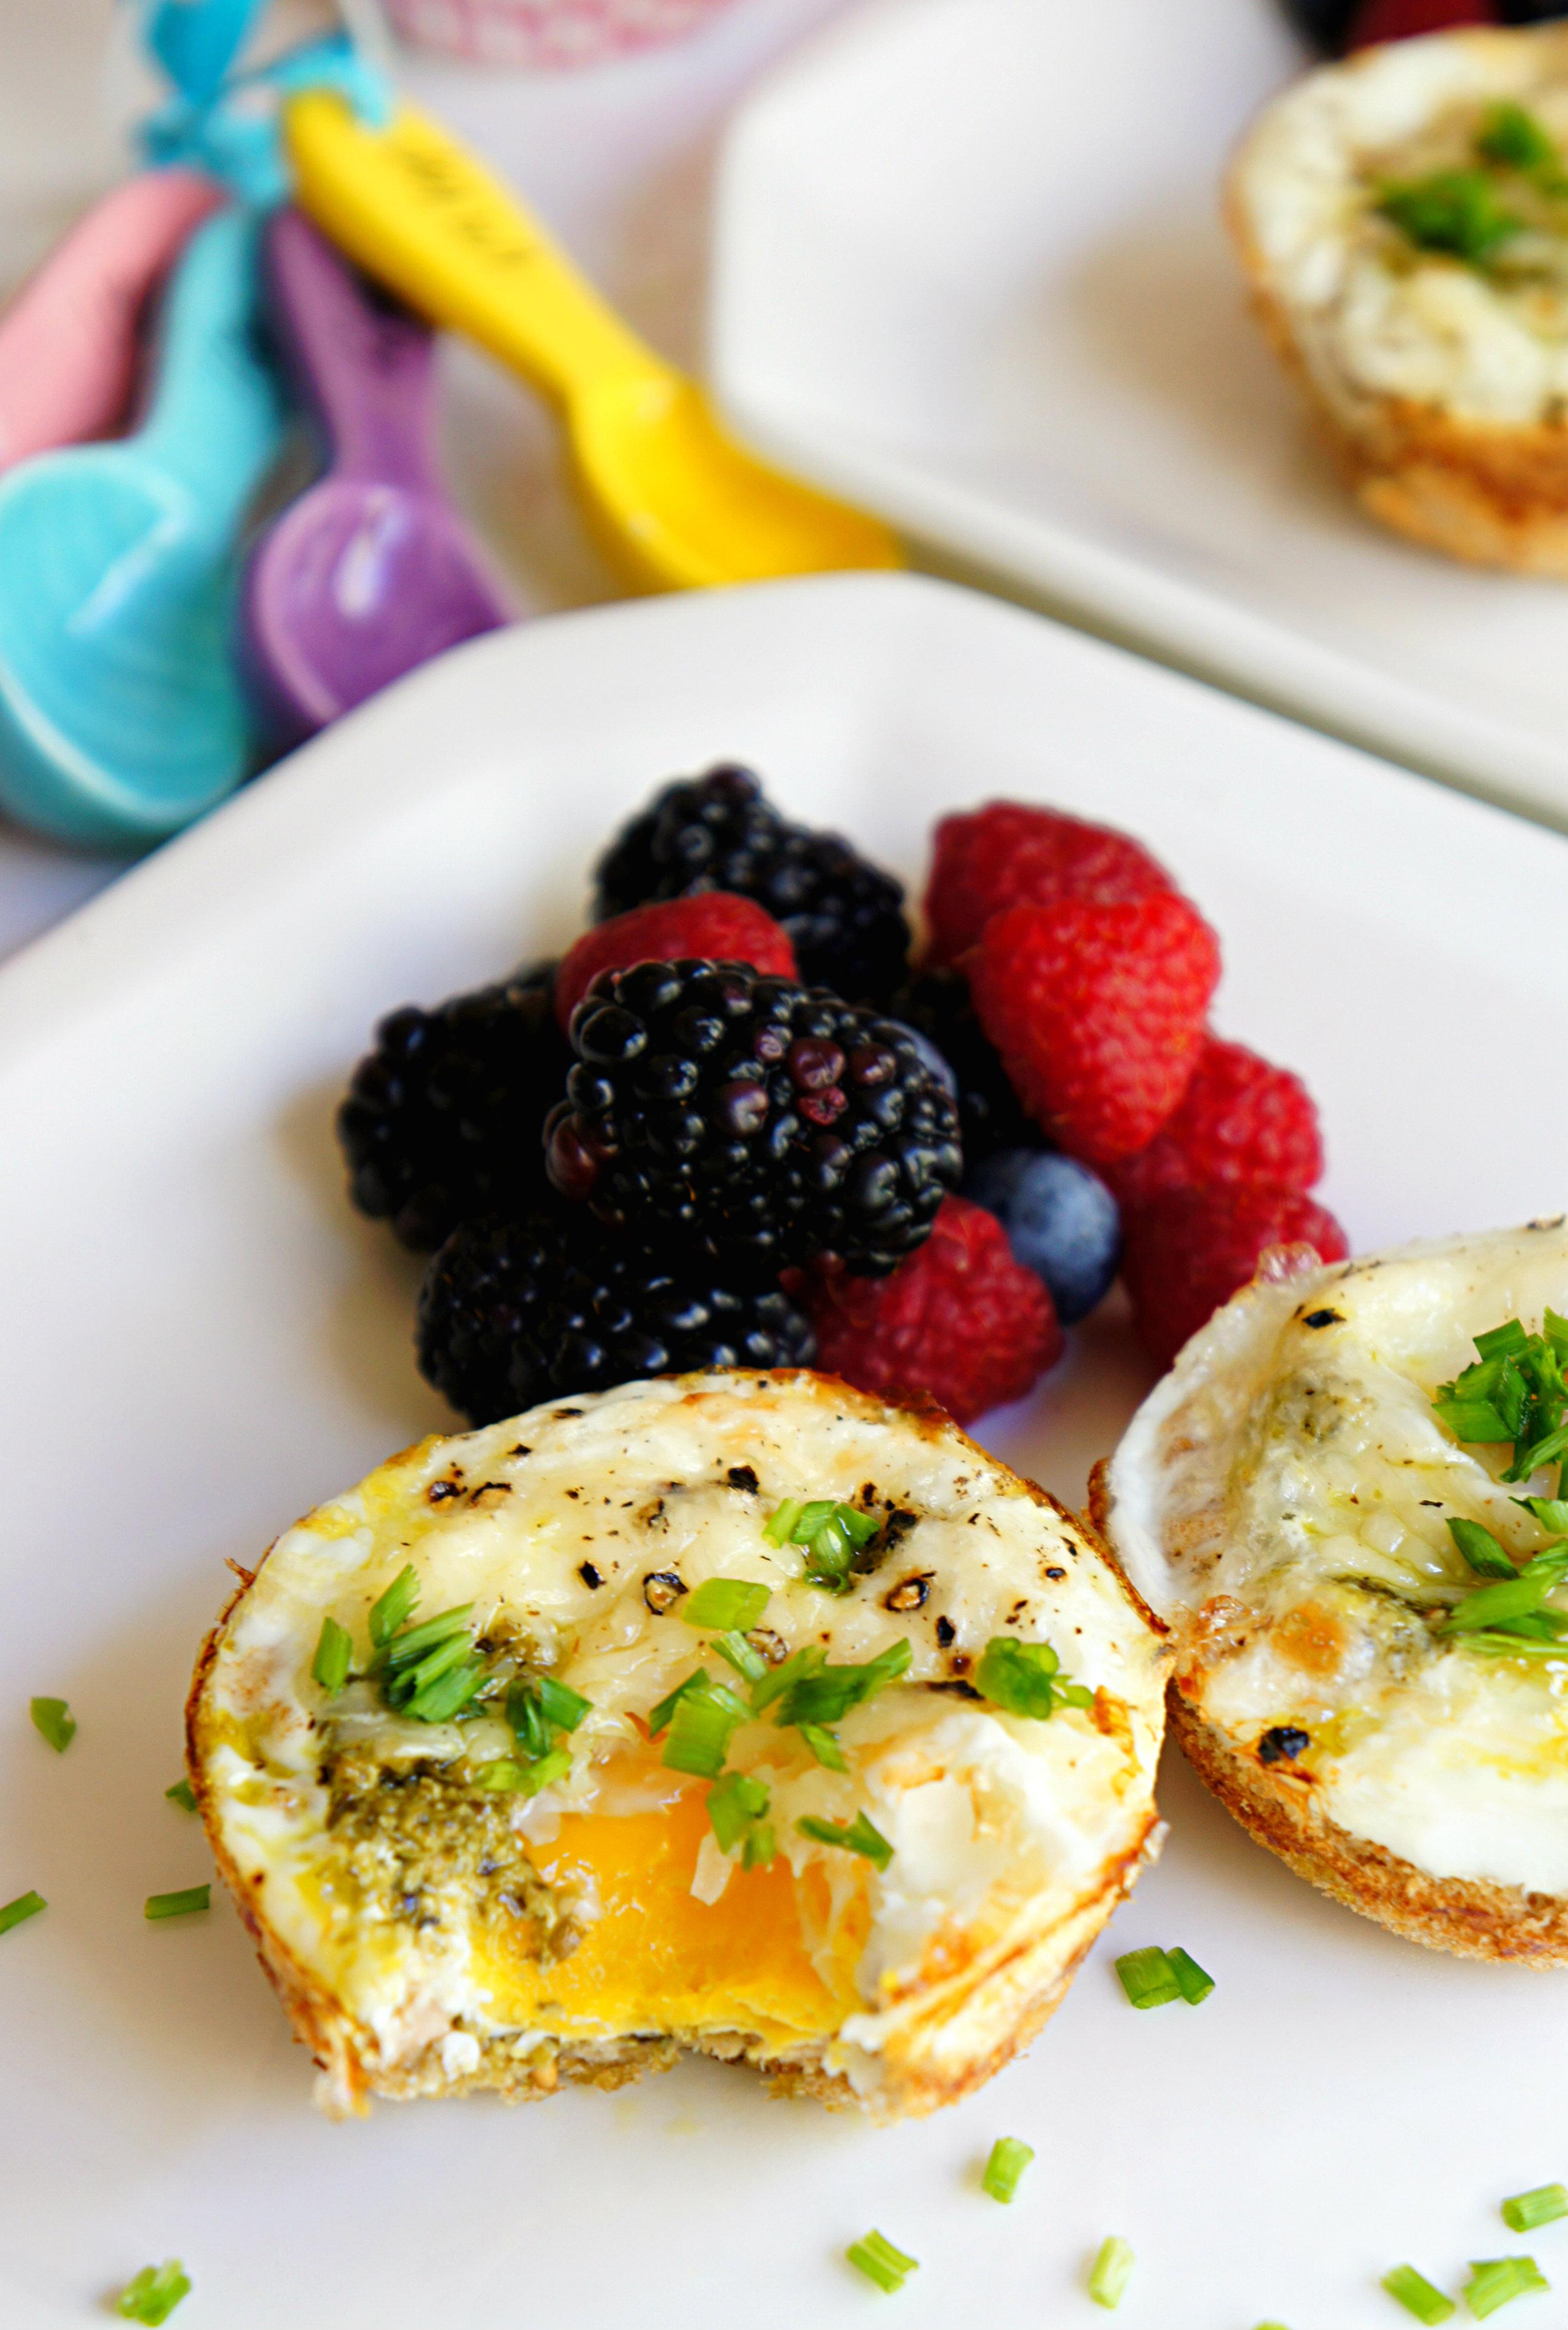 Easter Brunch Ideas: Egg in a Basket